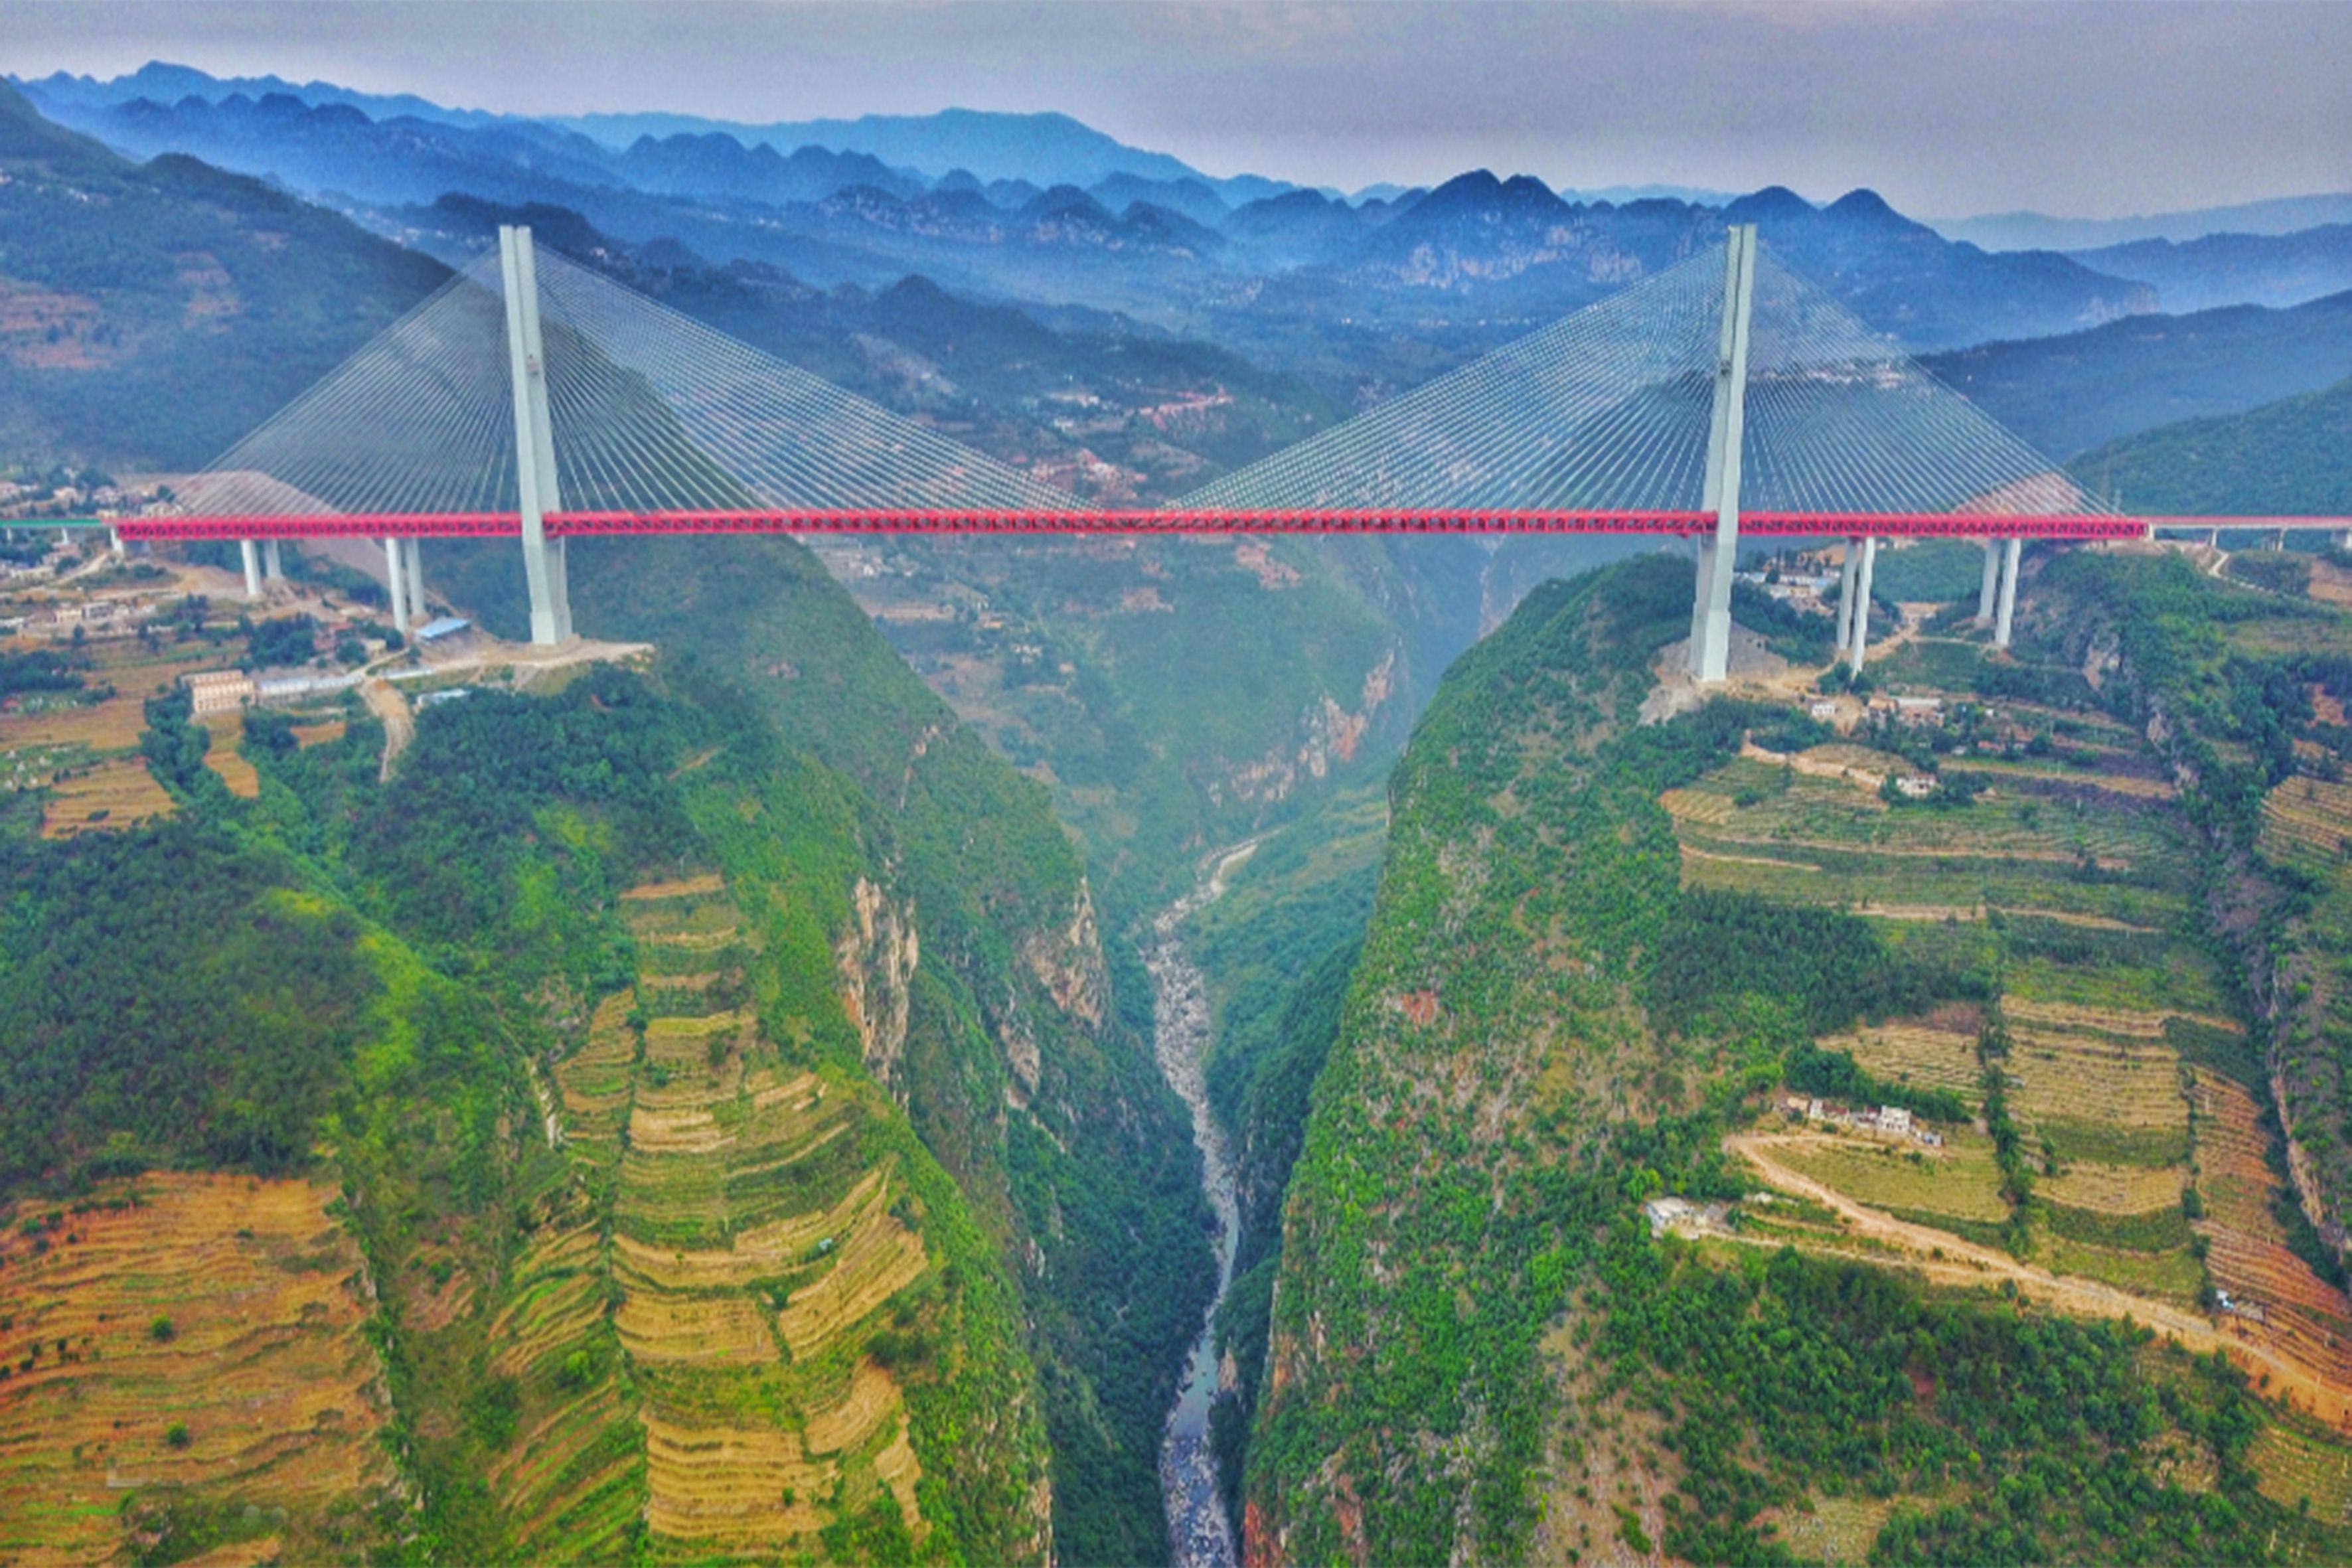 世界第一高的北盤江大橋,垂直高度達565米,橫跨貴州和云南兩省